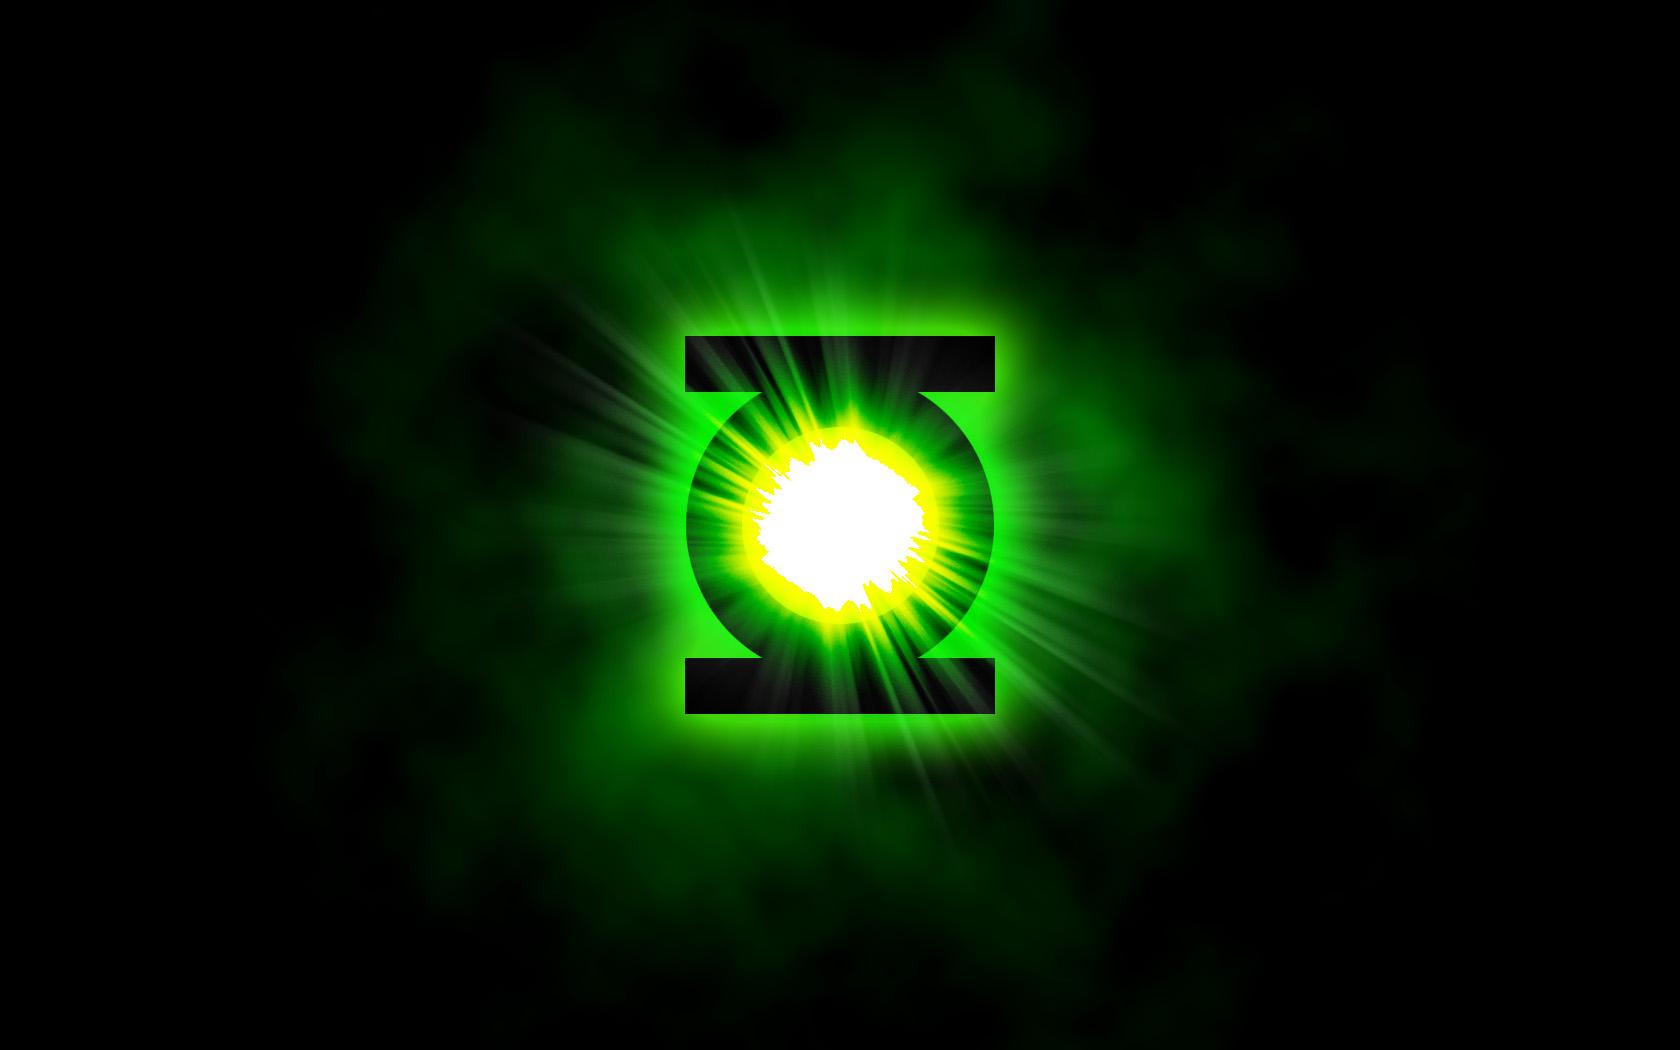 Green Lantern dc comics superhero p wallpaper 1680x1050 86014 1680x1050